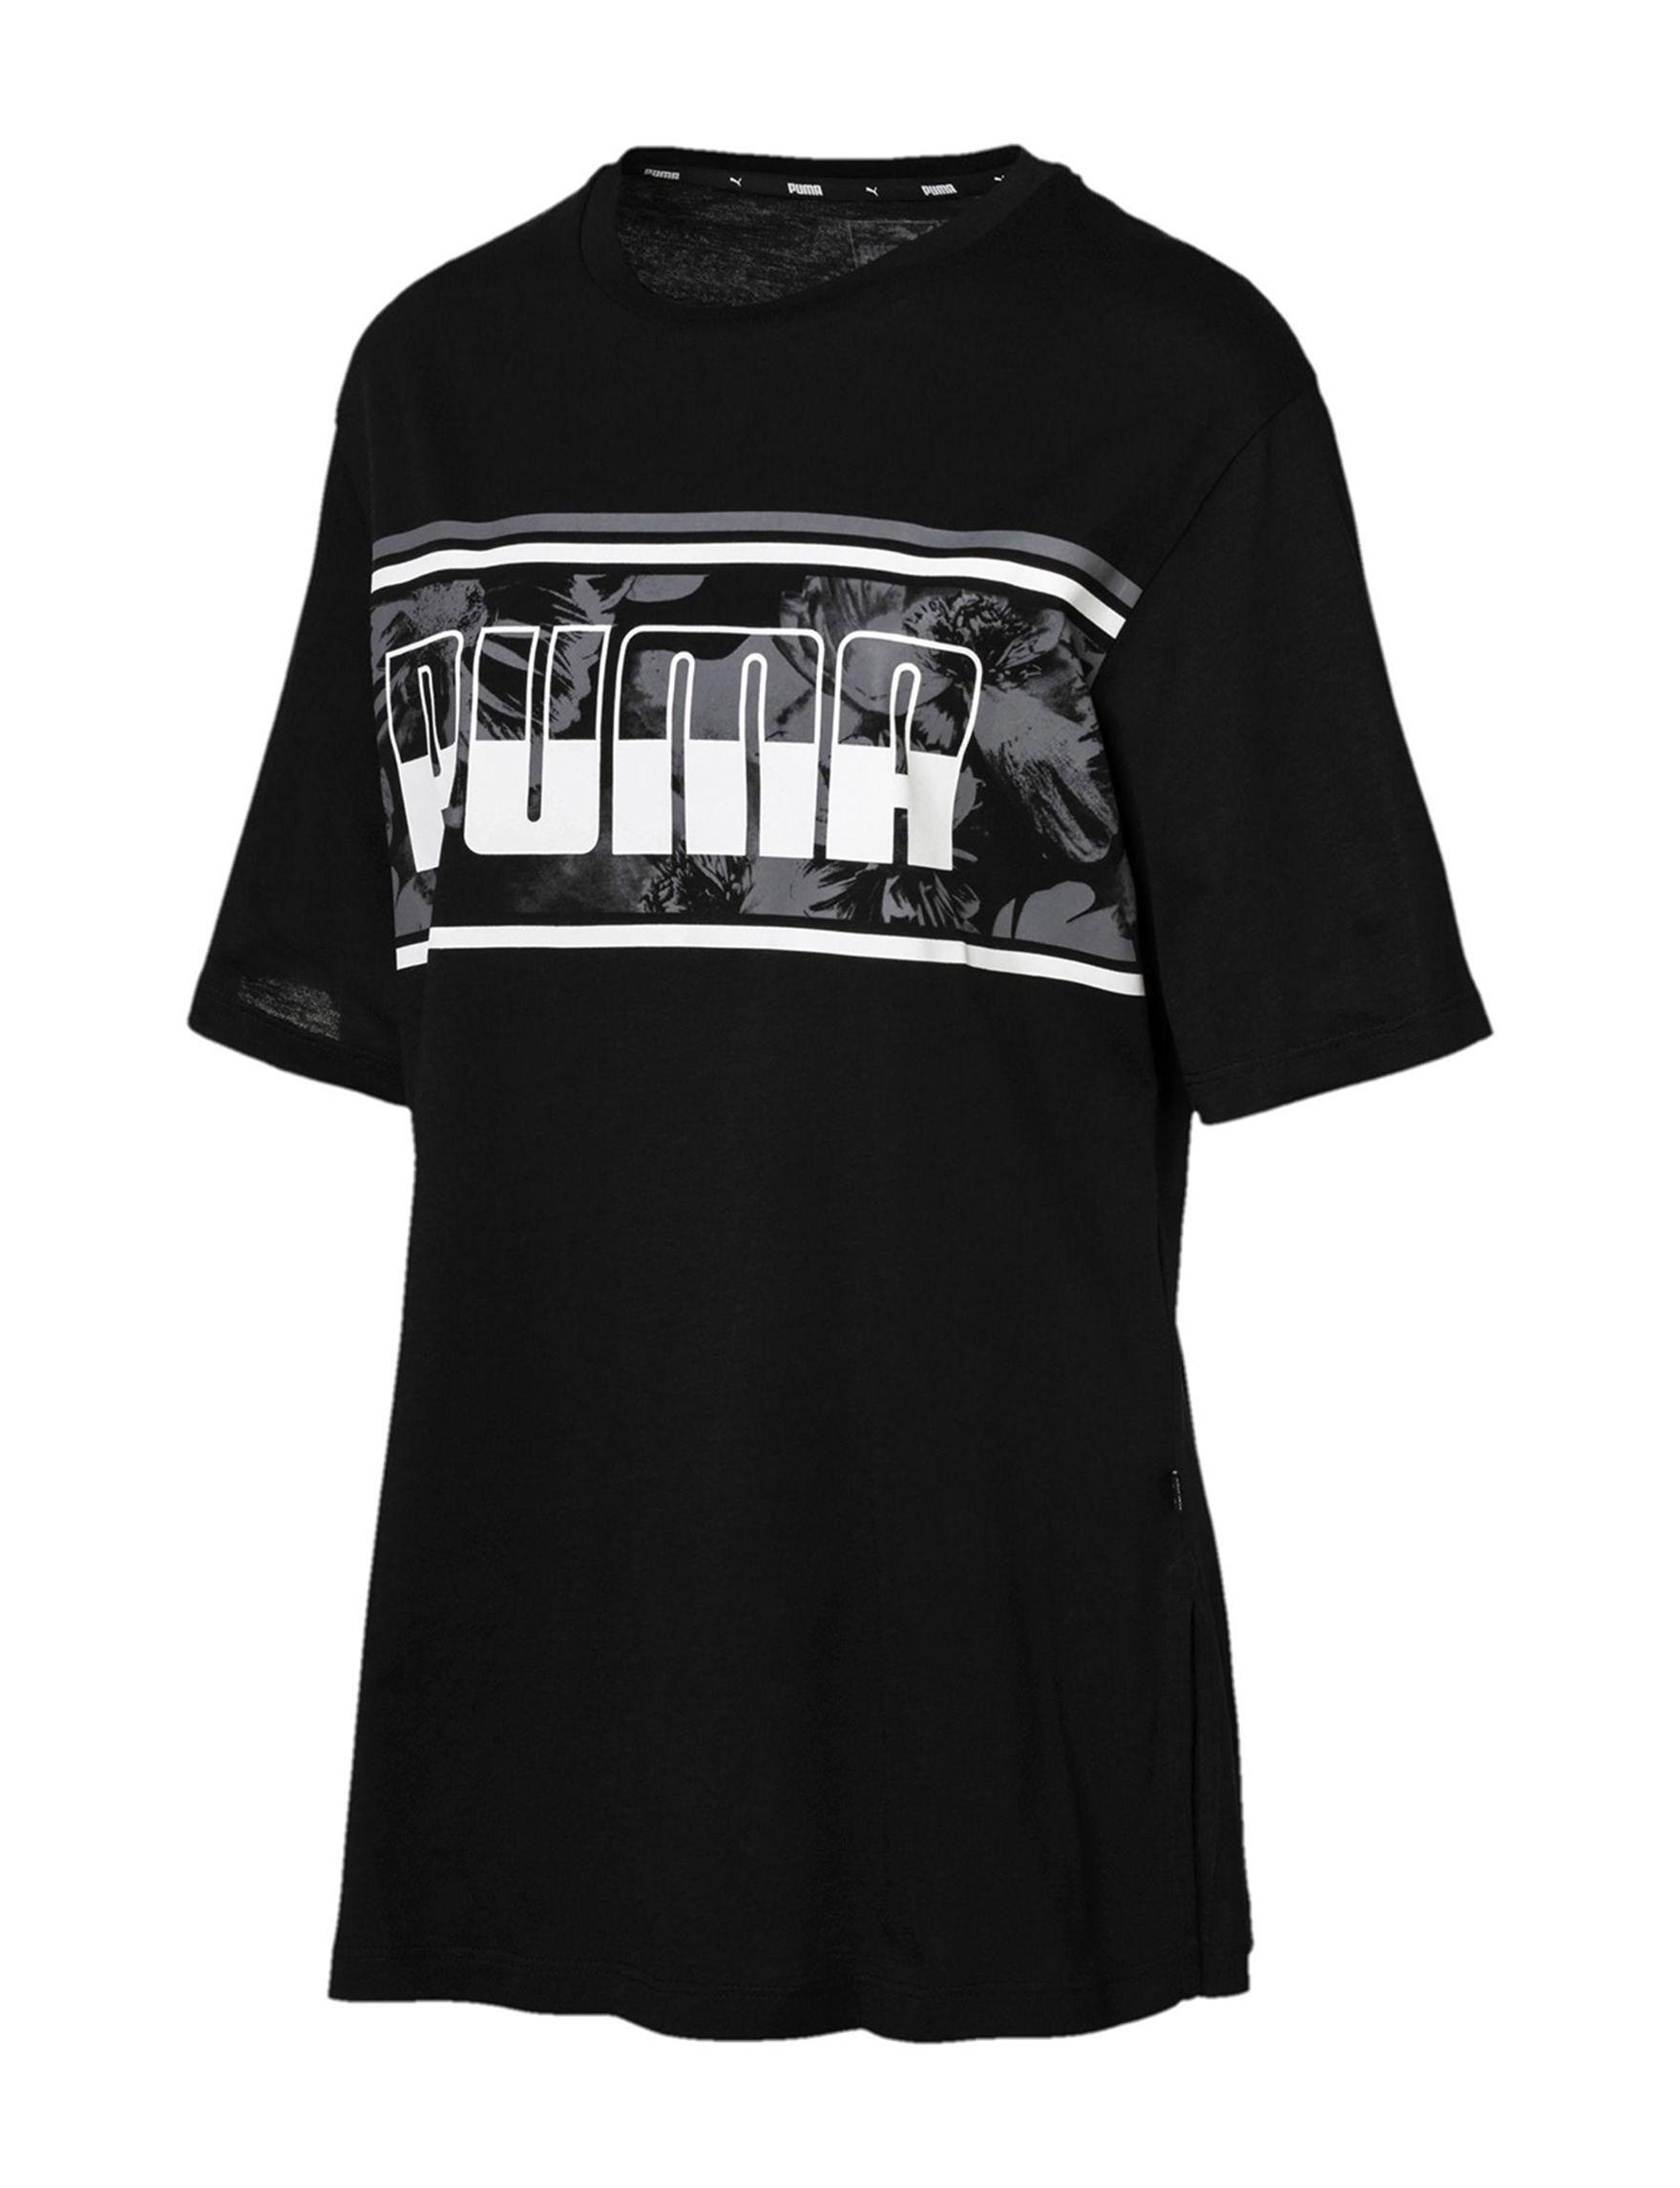 Puma Black Tees & Tanks